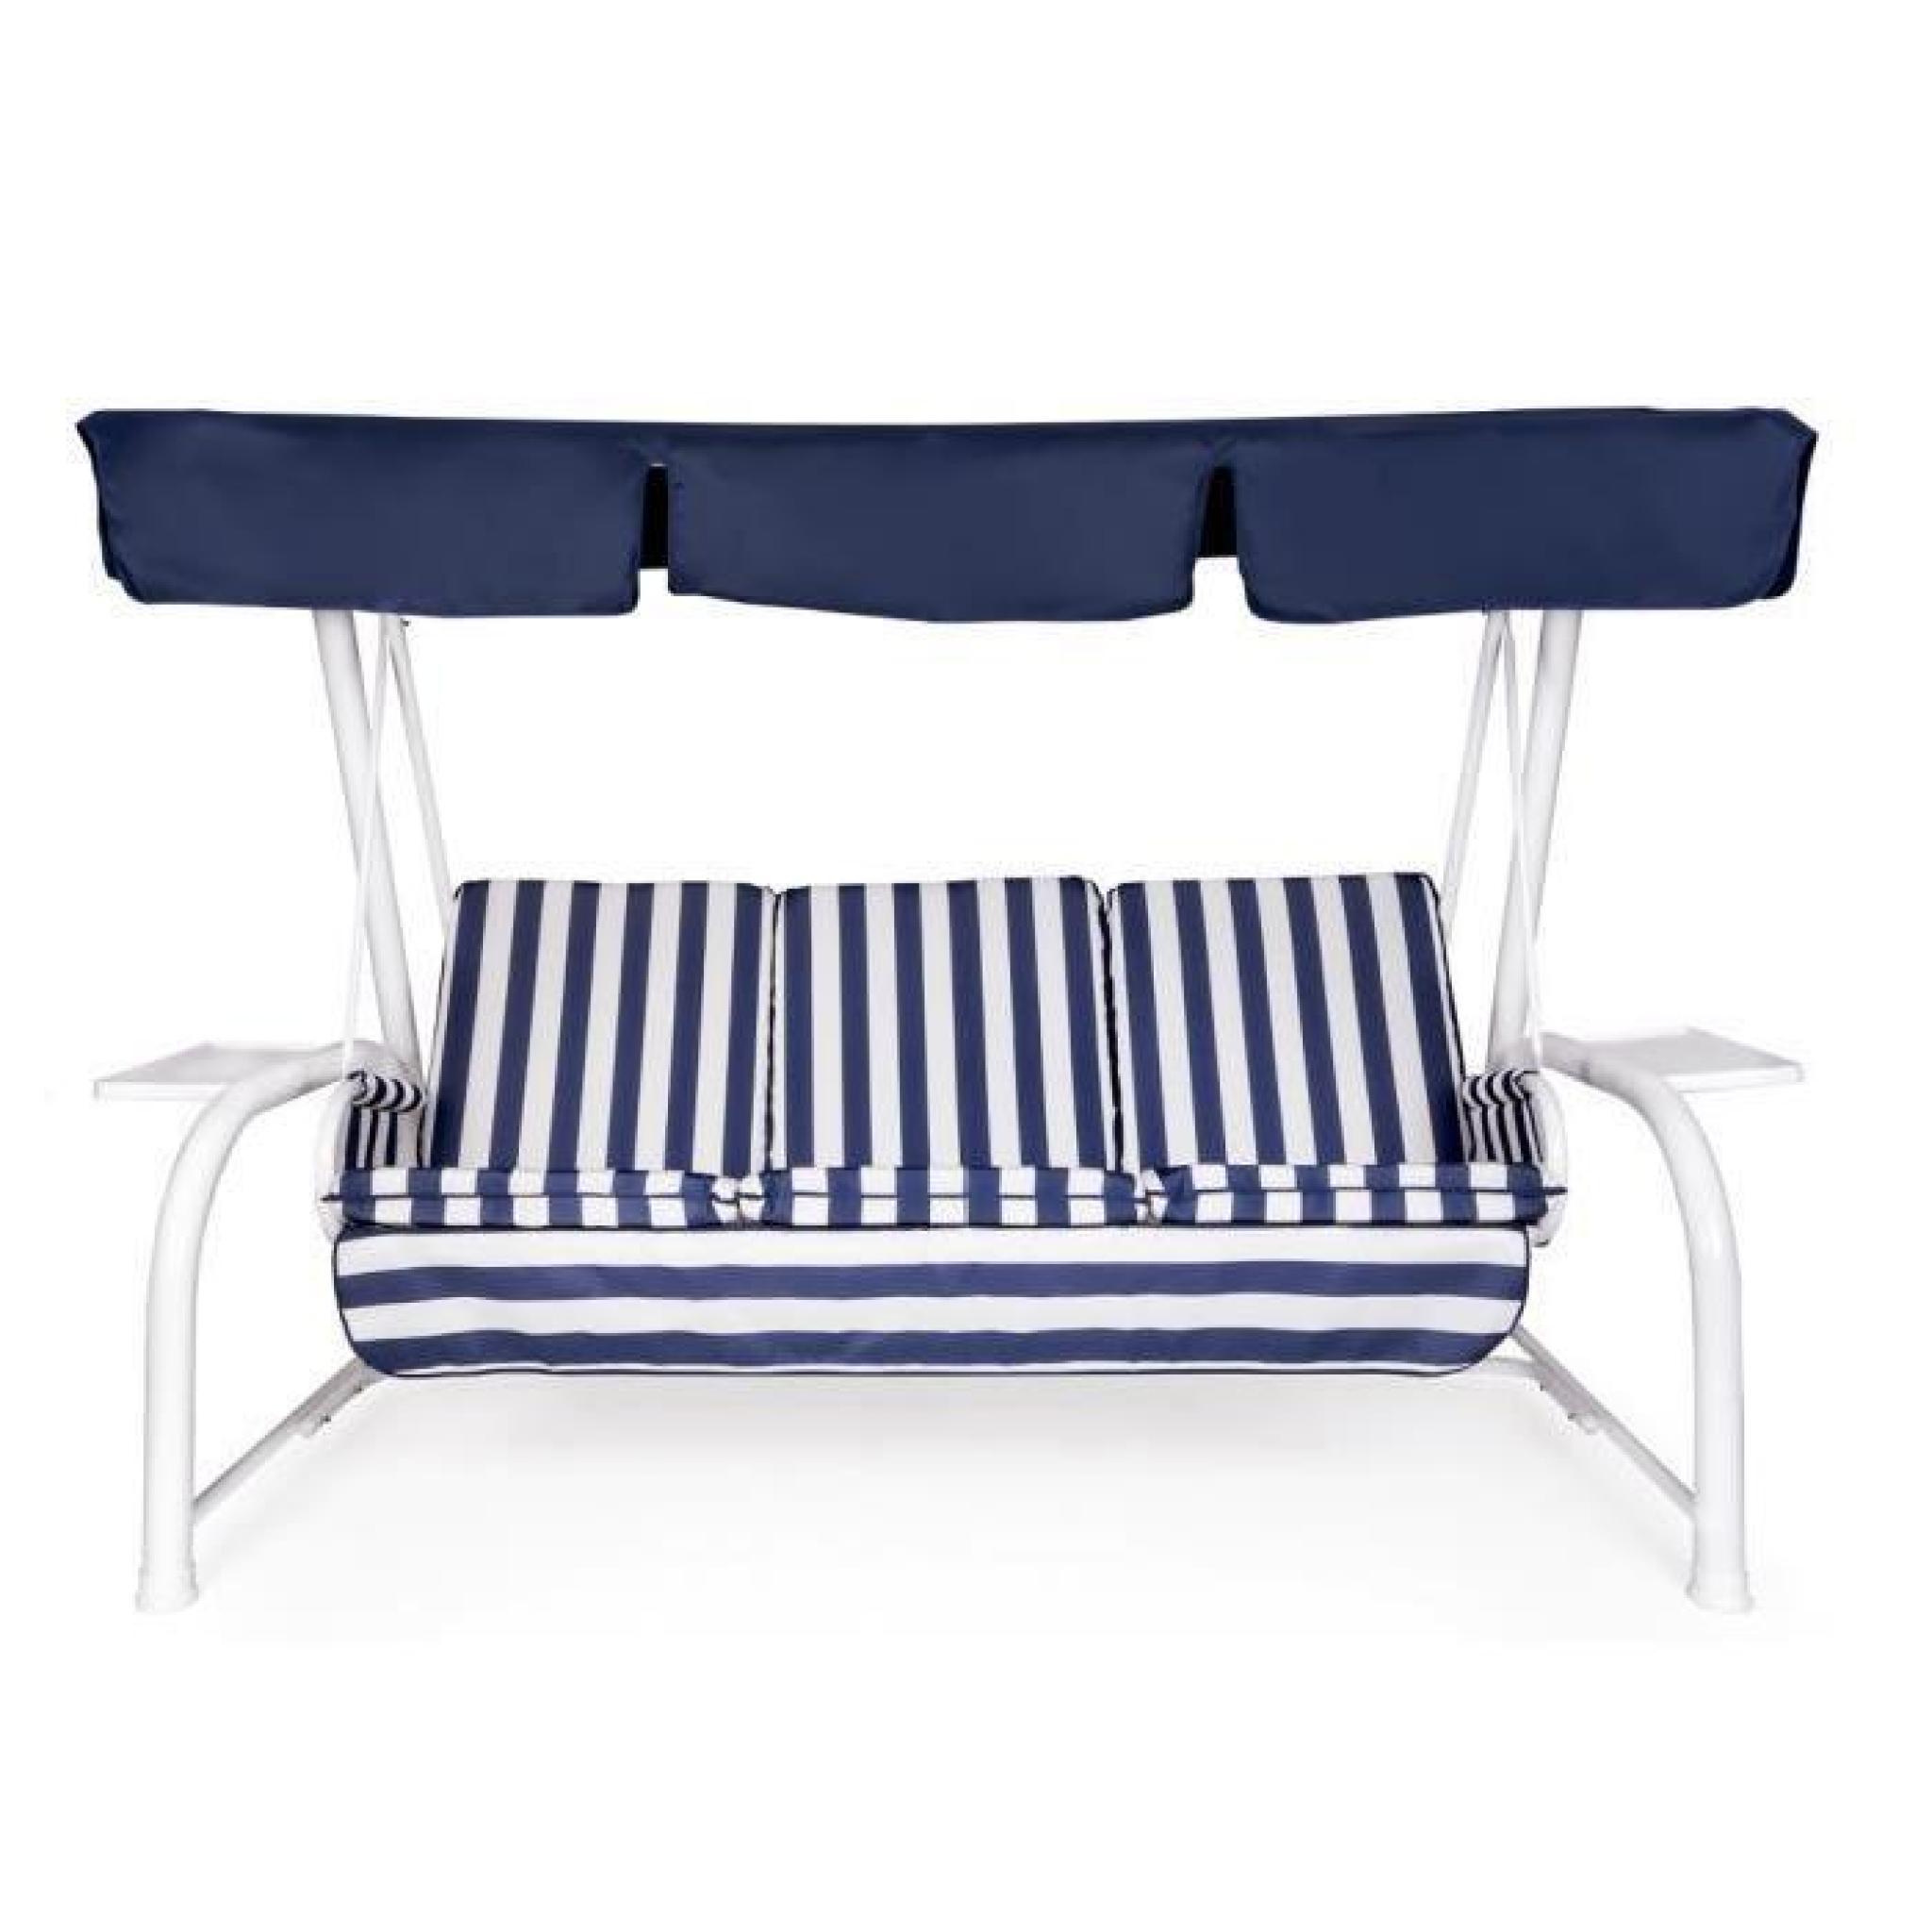 Set Coussins + Toit De Remplacement Pour Balancelle 4 Places Blanc Rayé  Bleu Toit Bleu pour Coussin Balancelle